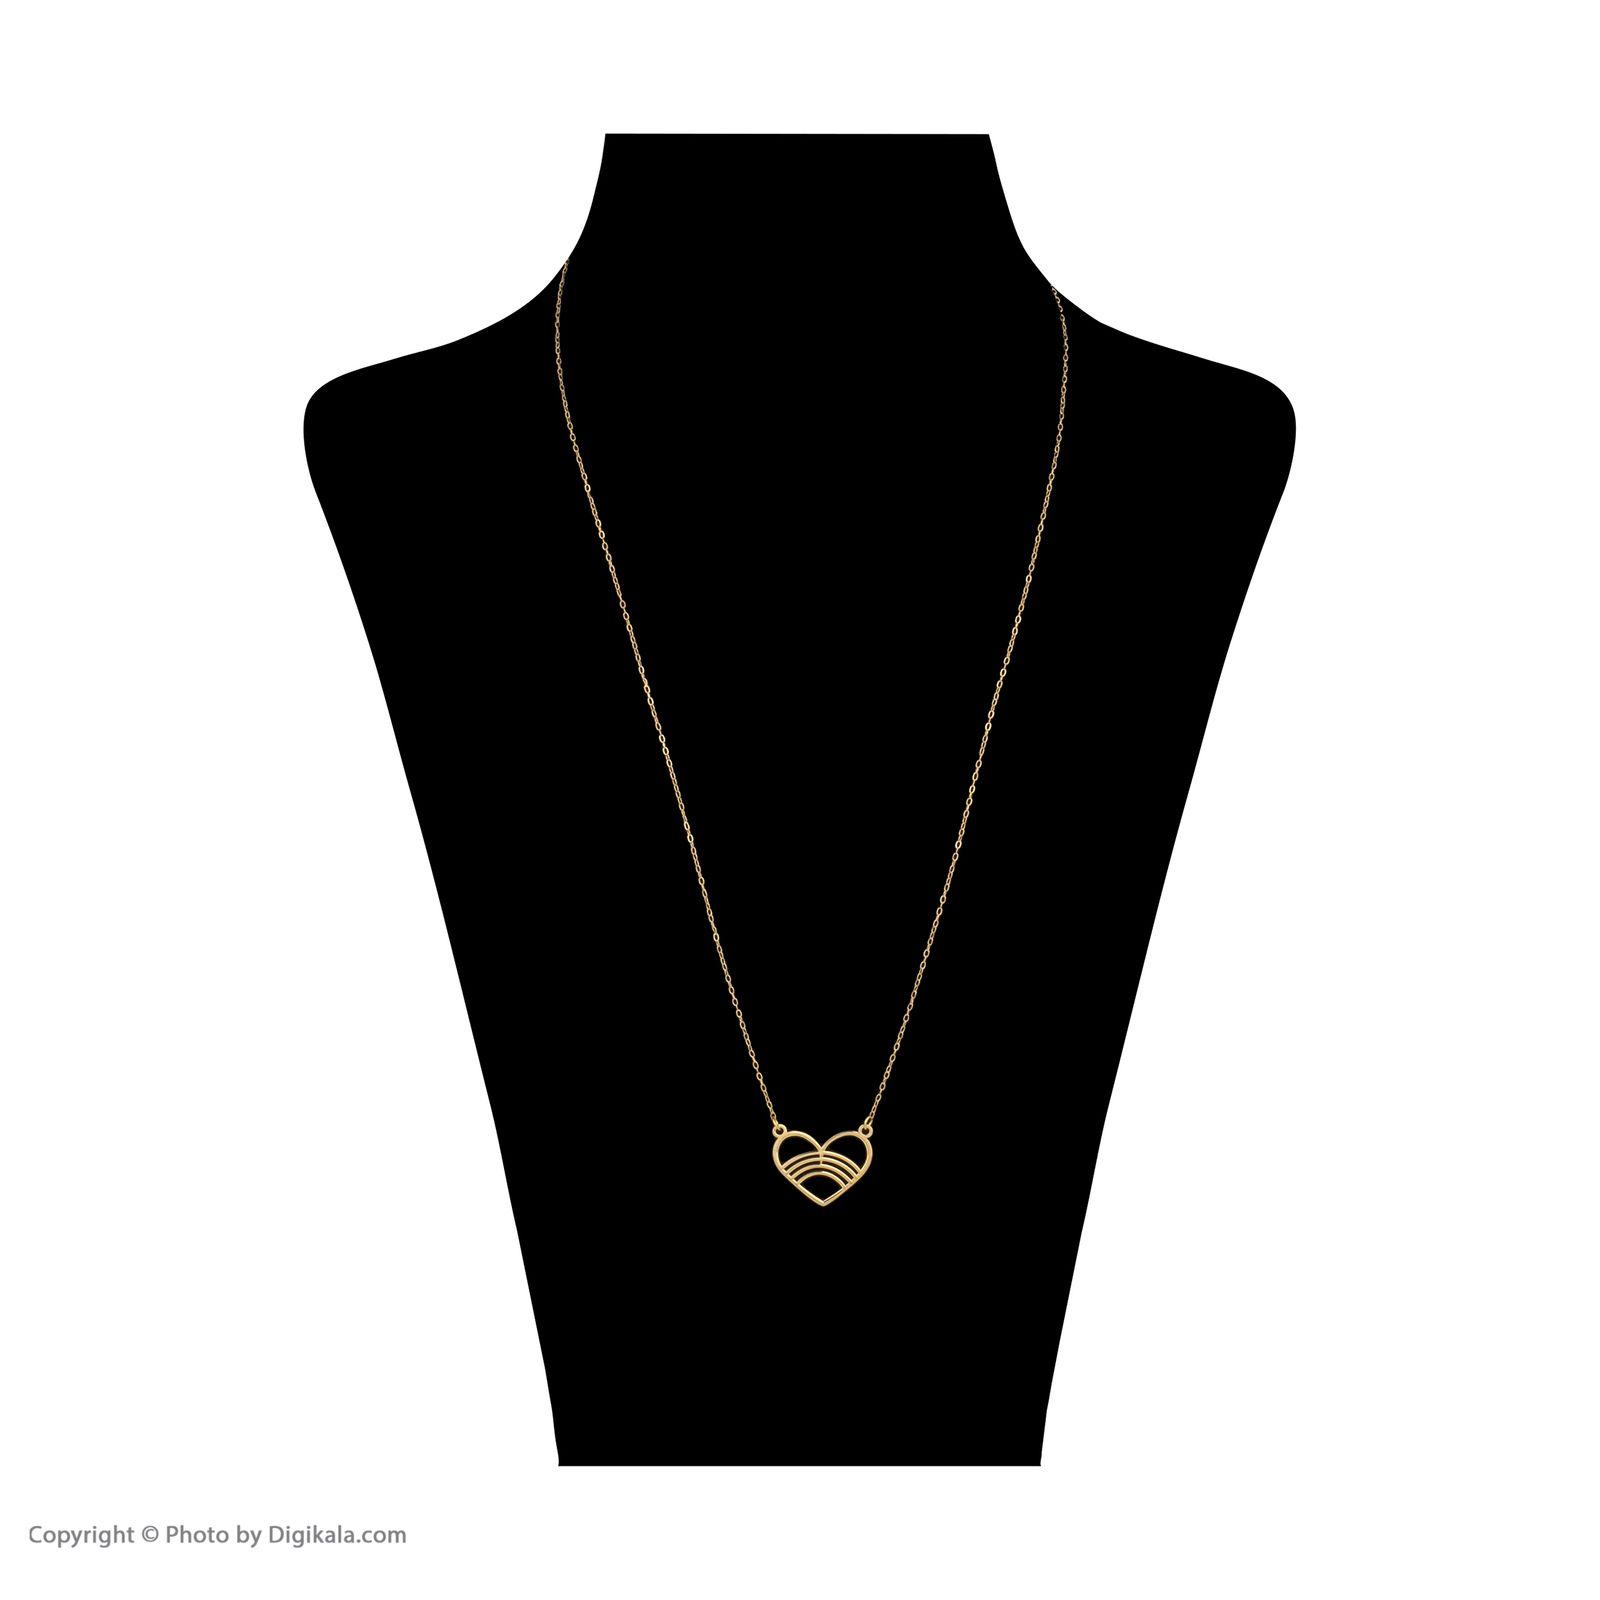 گردنبند طلا 18 عیار زنانه میو گلد مدل GD616 -  - 3